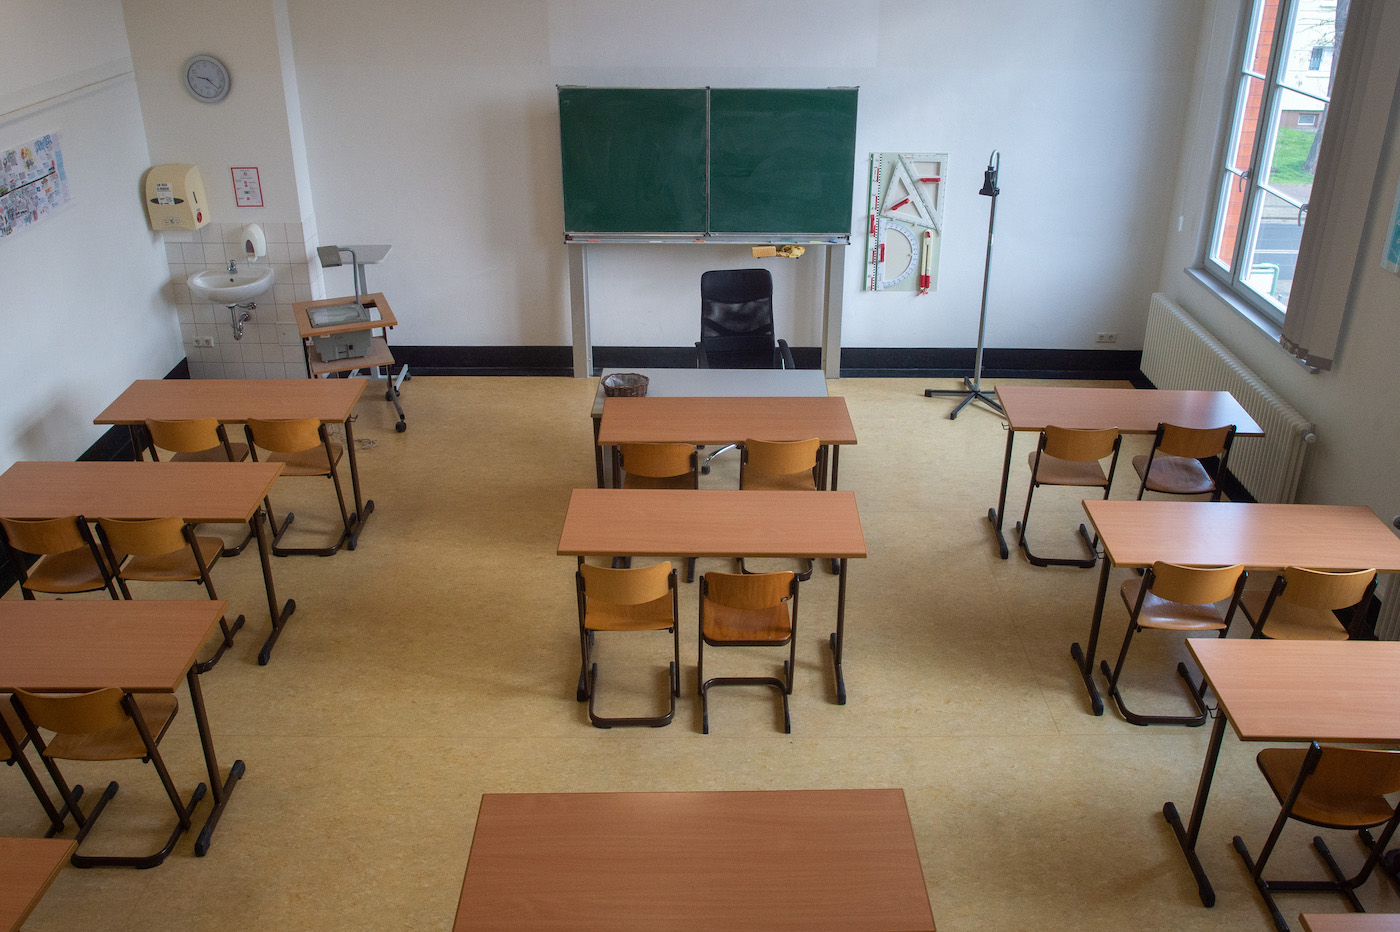 Gestione dei contagi a scuola: quarantena scende a 10 giorni